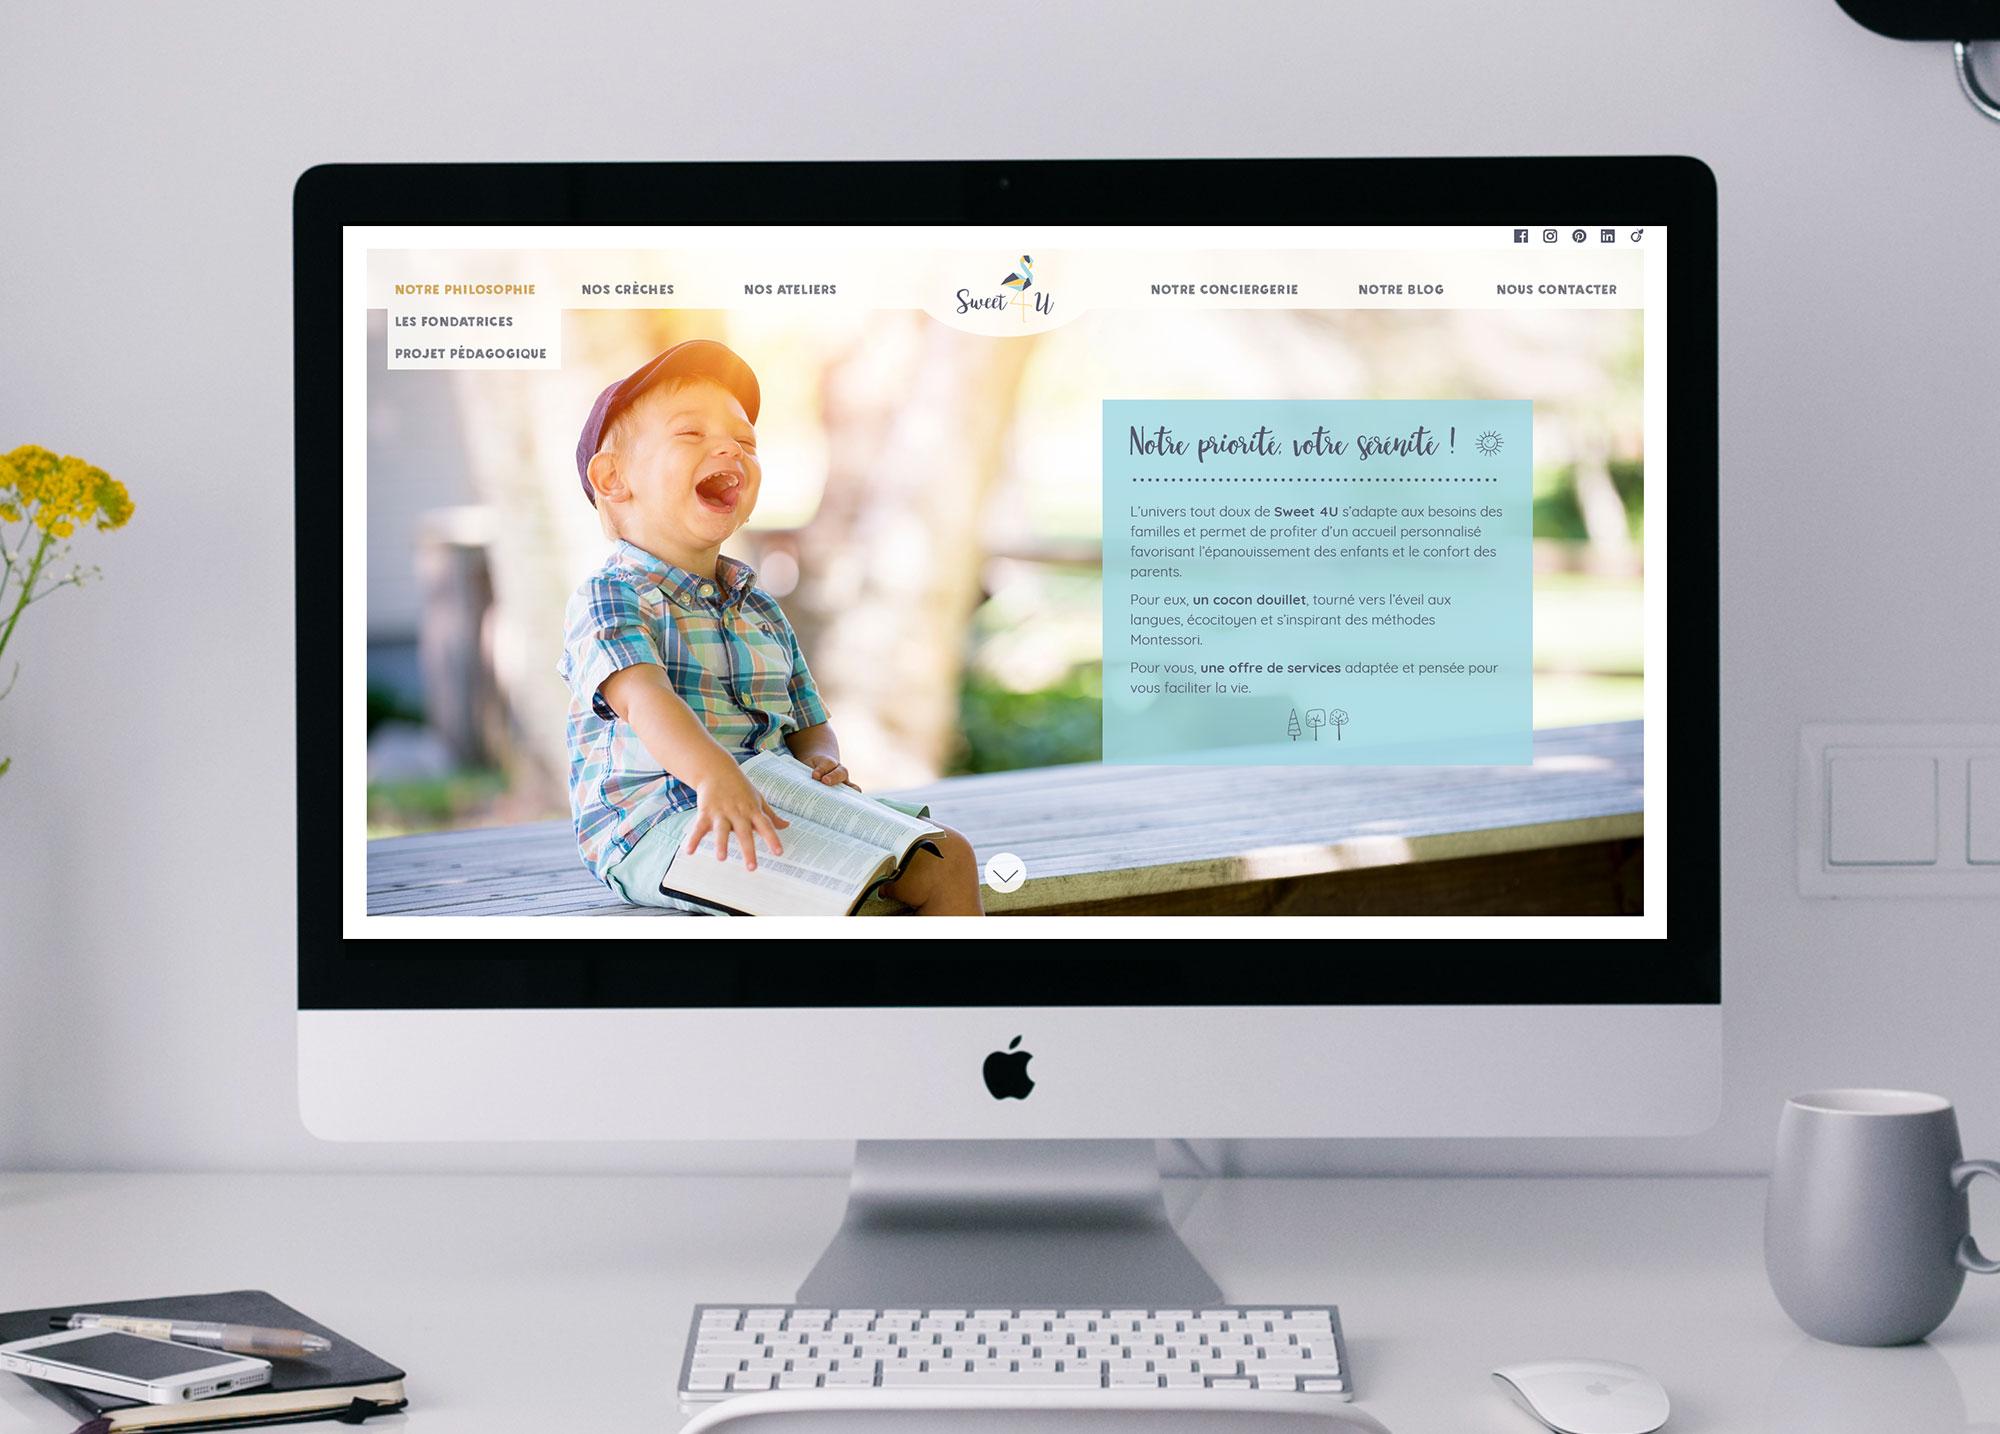 """Page """"Notre philosophie"""" du site Web de la crèche Sweet 4 U."""